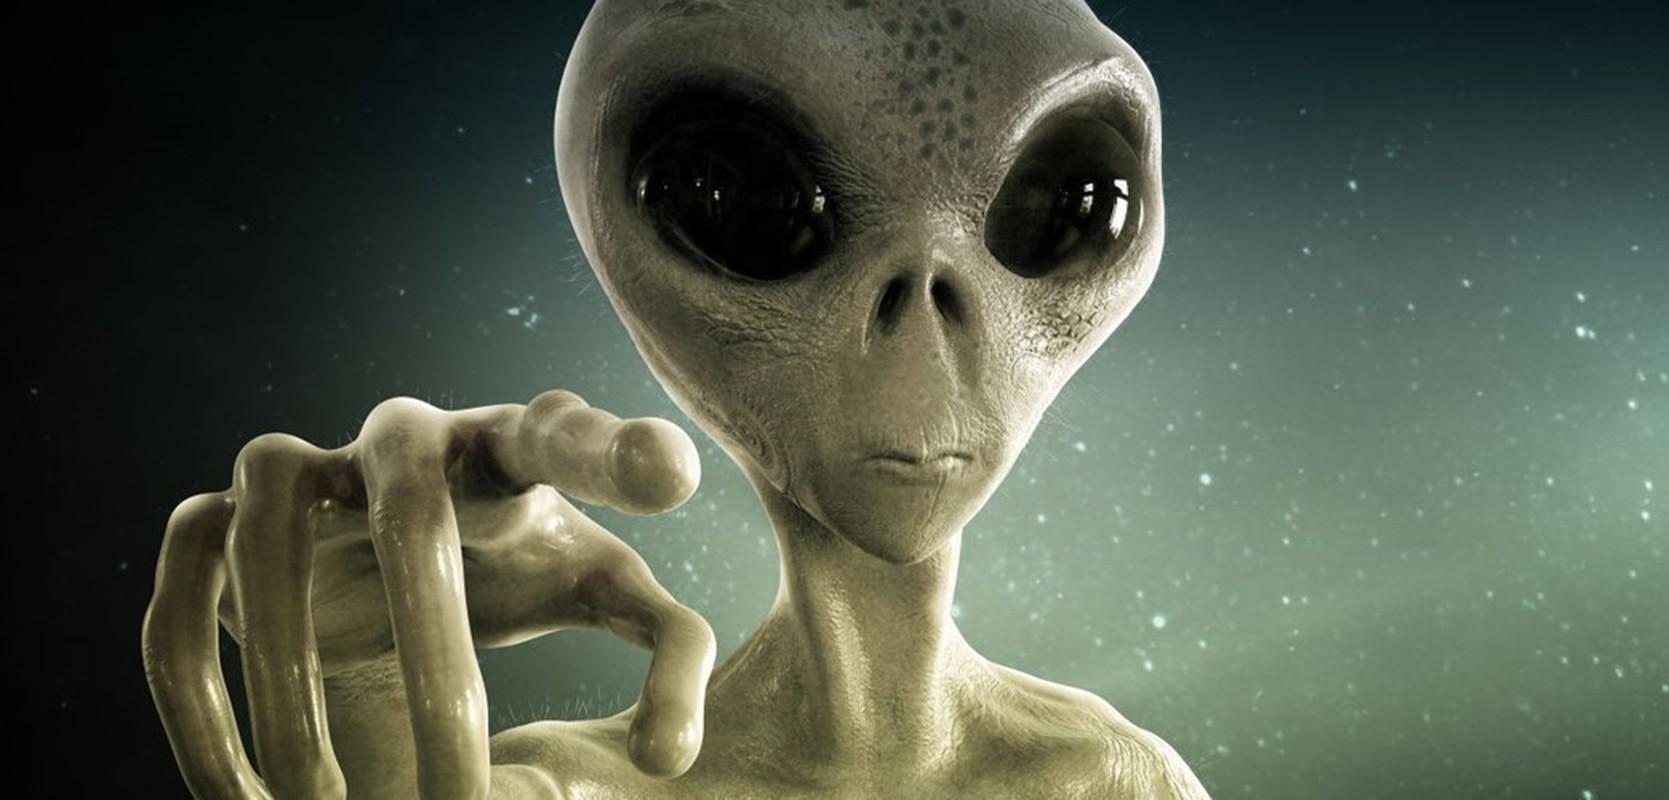 Xon xao UFO xuat hien trong tu, hang loat pham nhan mac benh la?